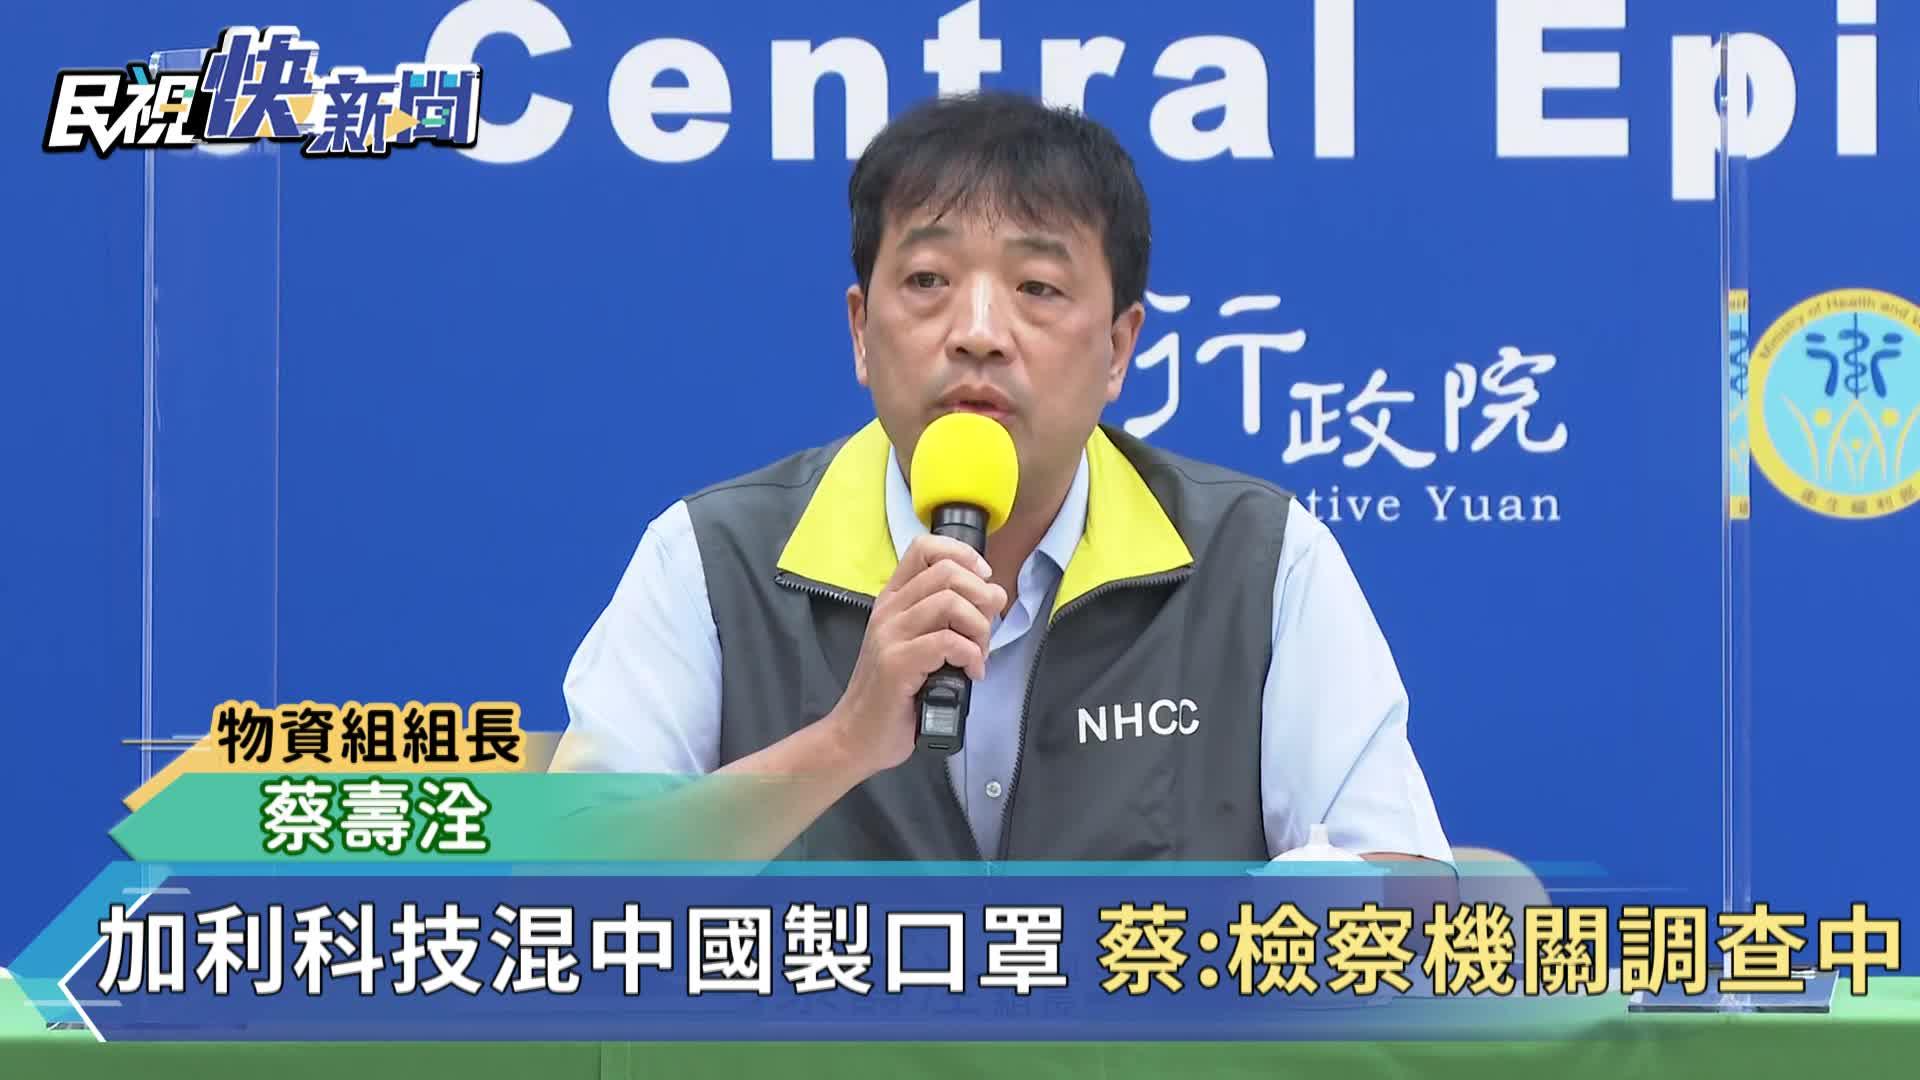 快新聞/親上中國非醫用口罩之亂火線 指揮中心:已擬定監控機制